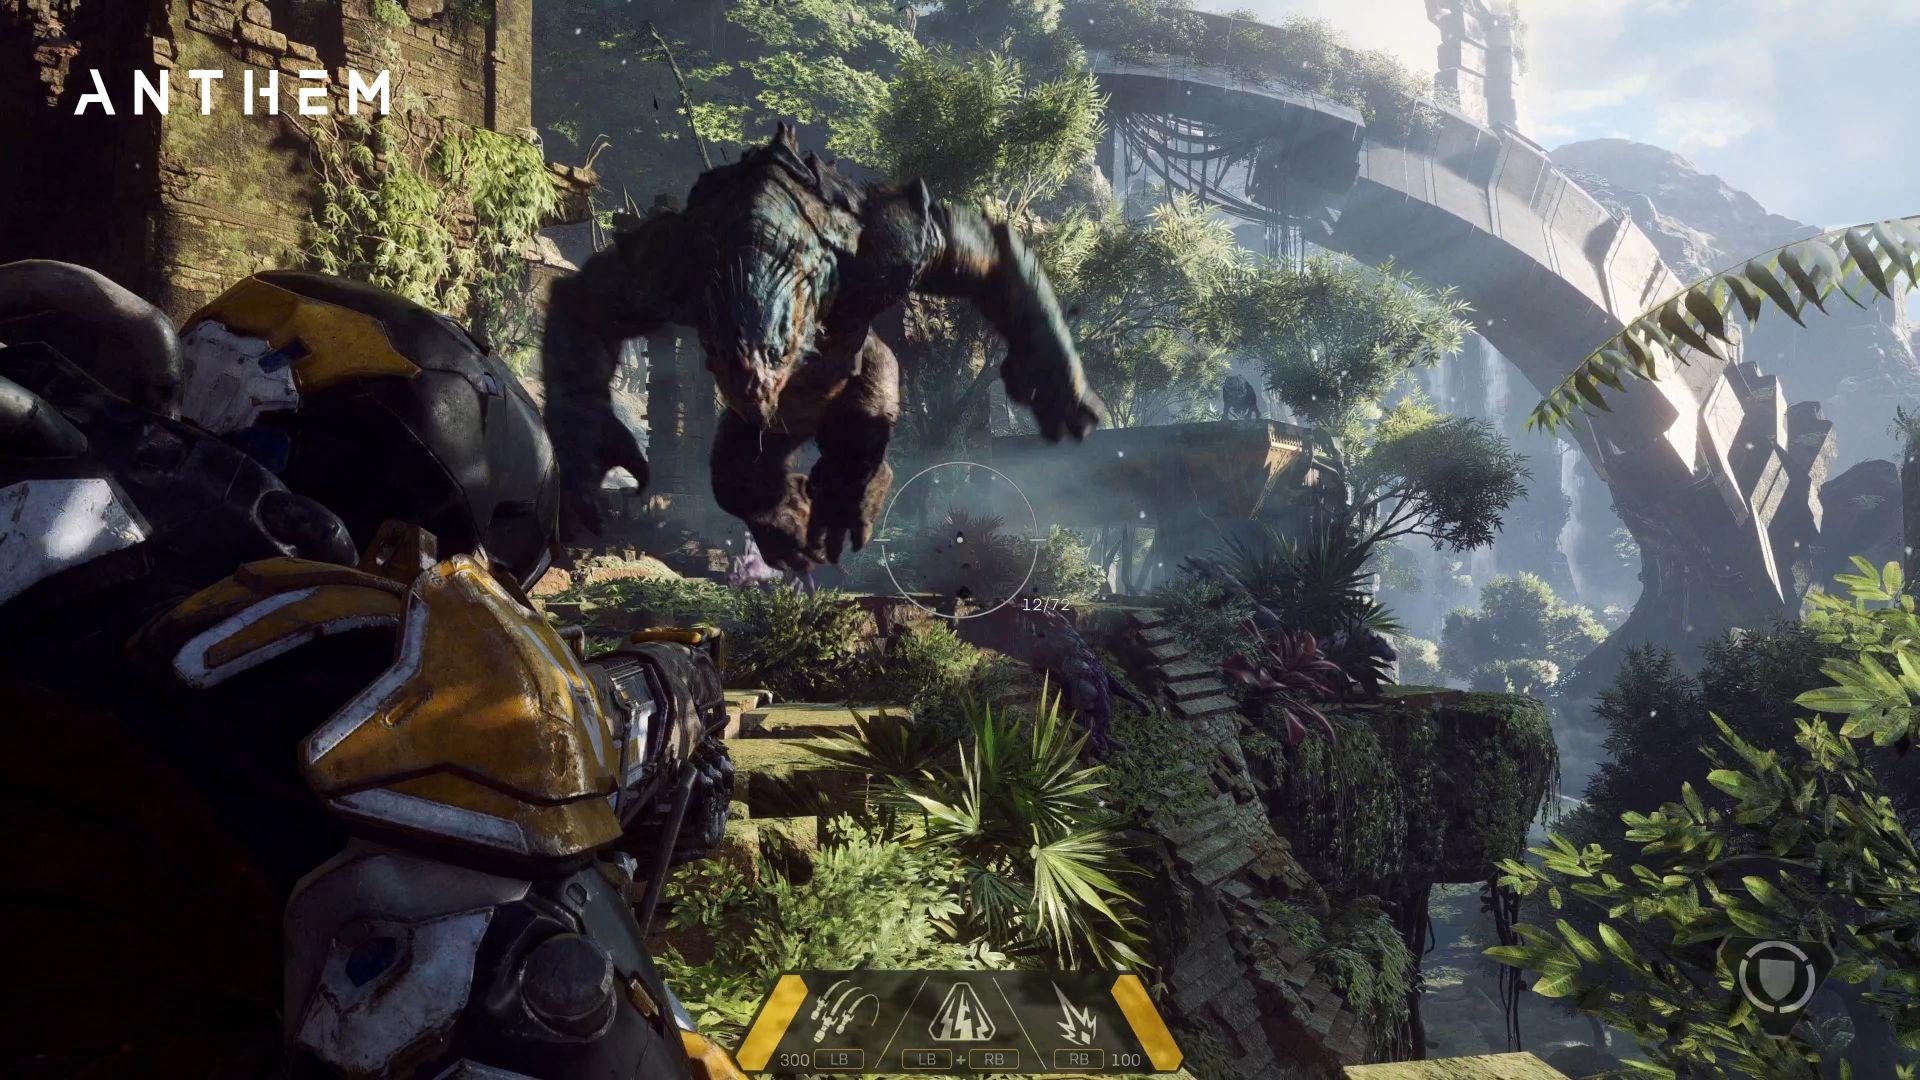 Anthem 4k Screenshot Gameplay E3 2017 Horizontal